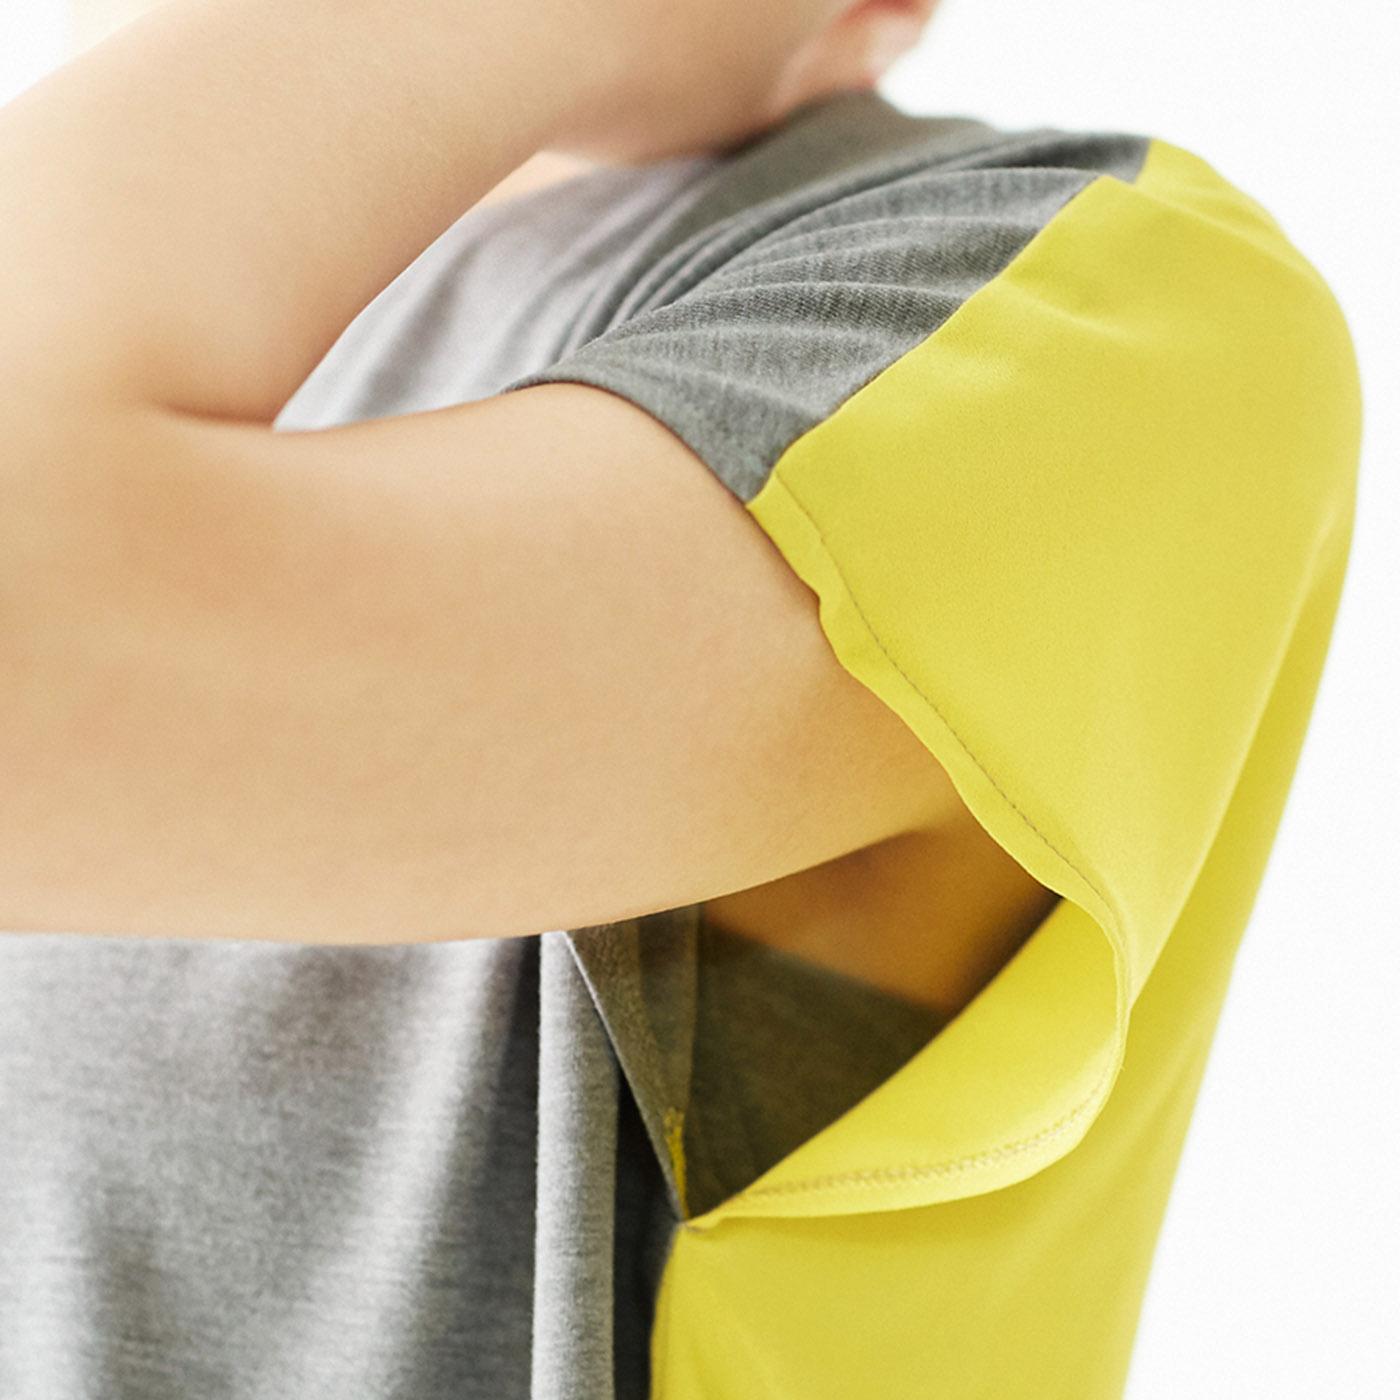 [汗止めでチラ見えガード]タンクトップ部分のわきは、チラ見え防止と汗止めを兼ねた安心の当て布仕様。